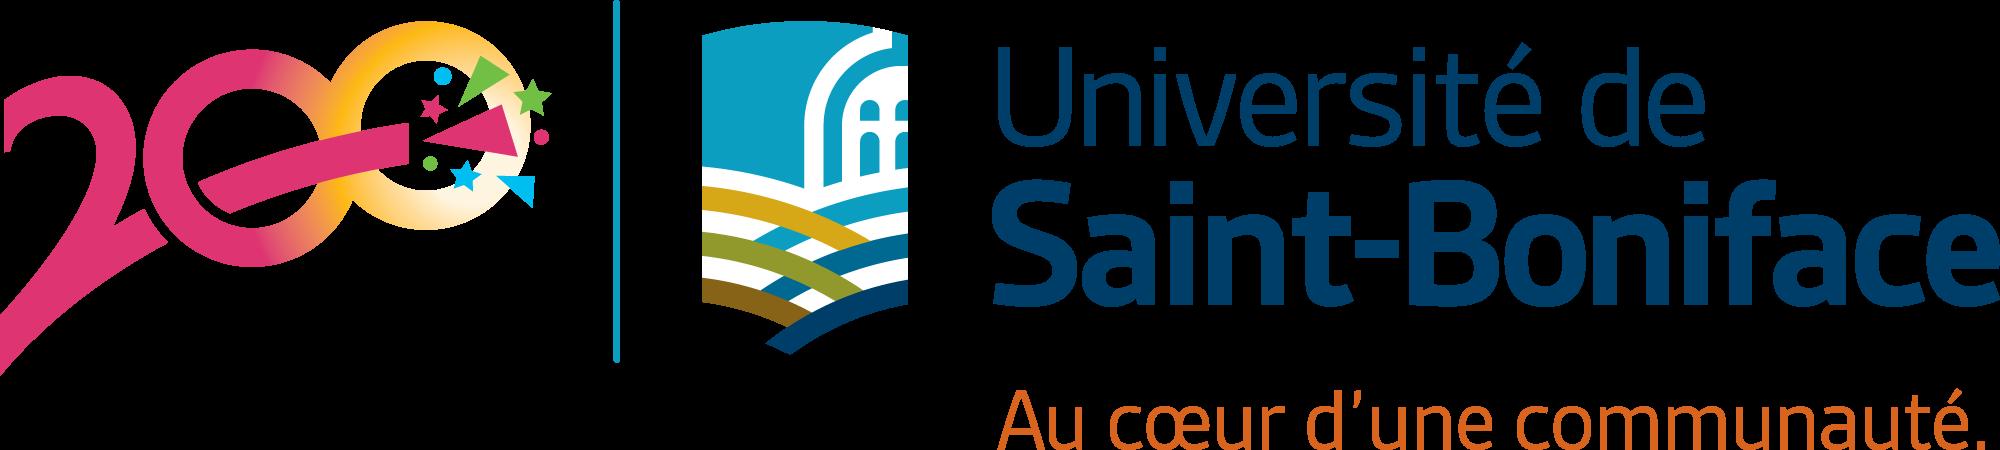 Logo du 200e de l'Université de Saint-Boniface - Au coeur d'une communauté.